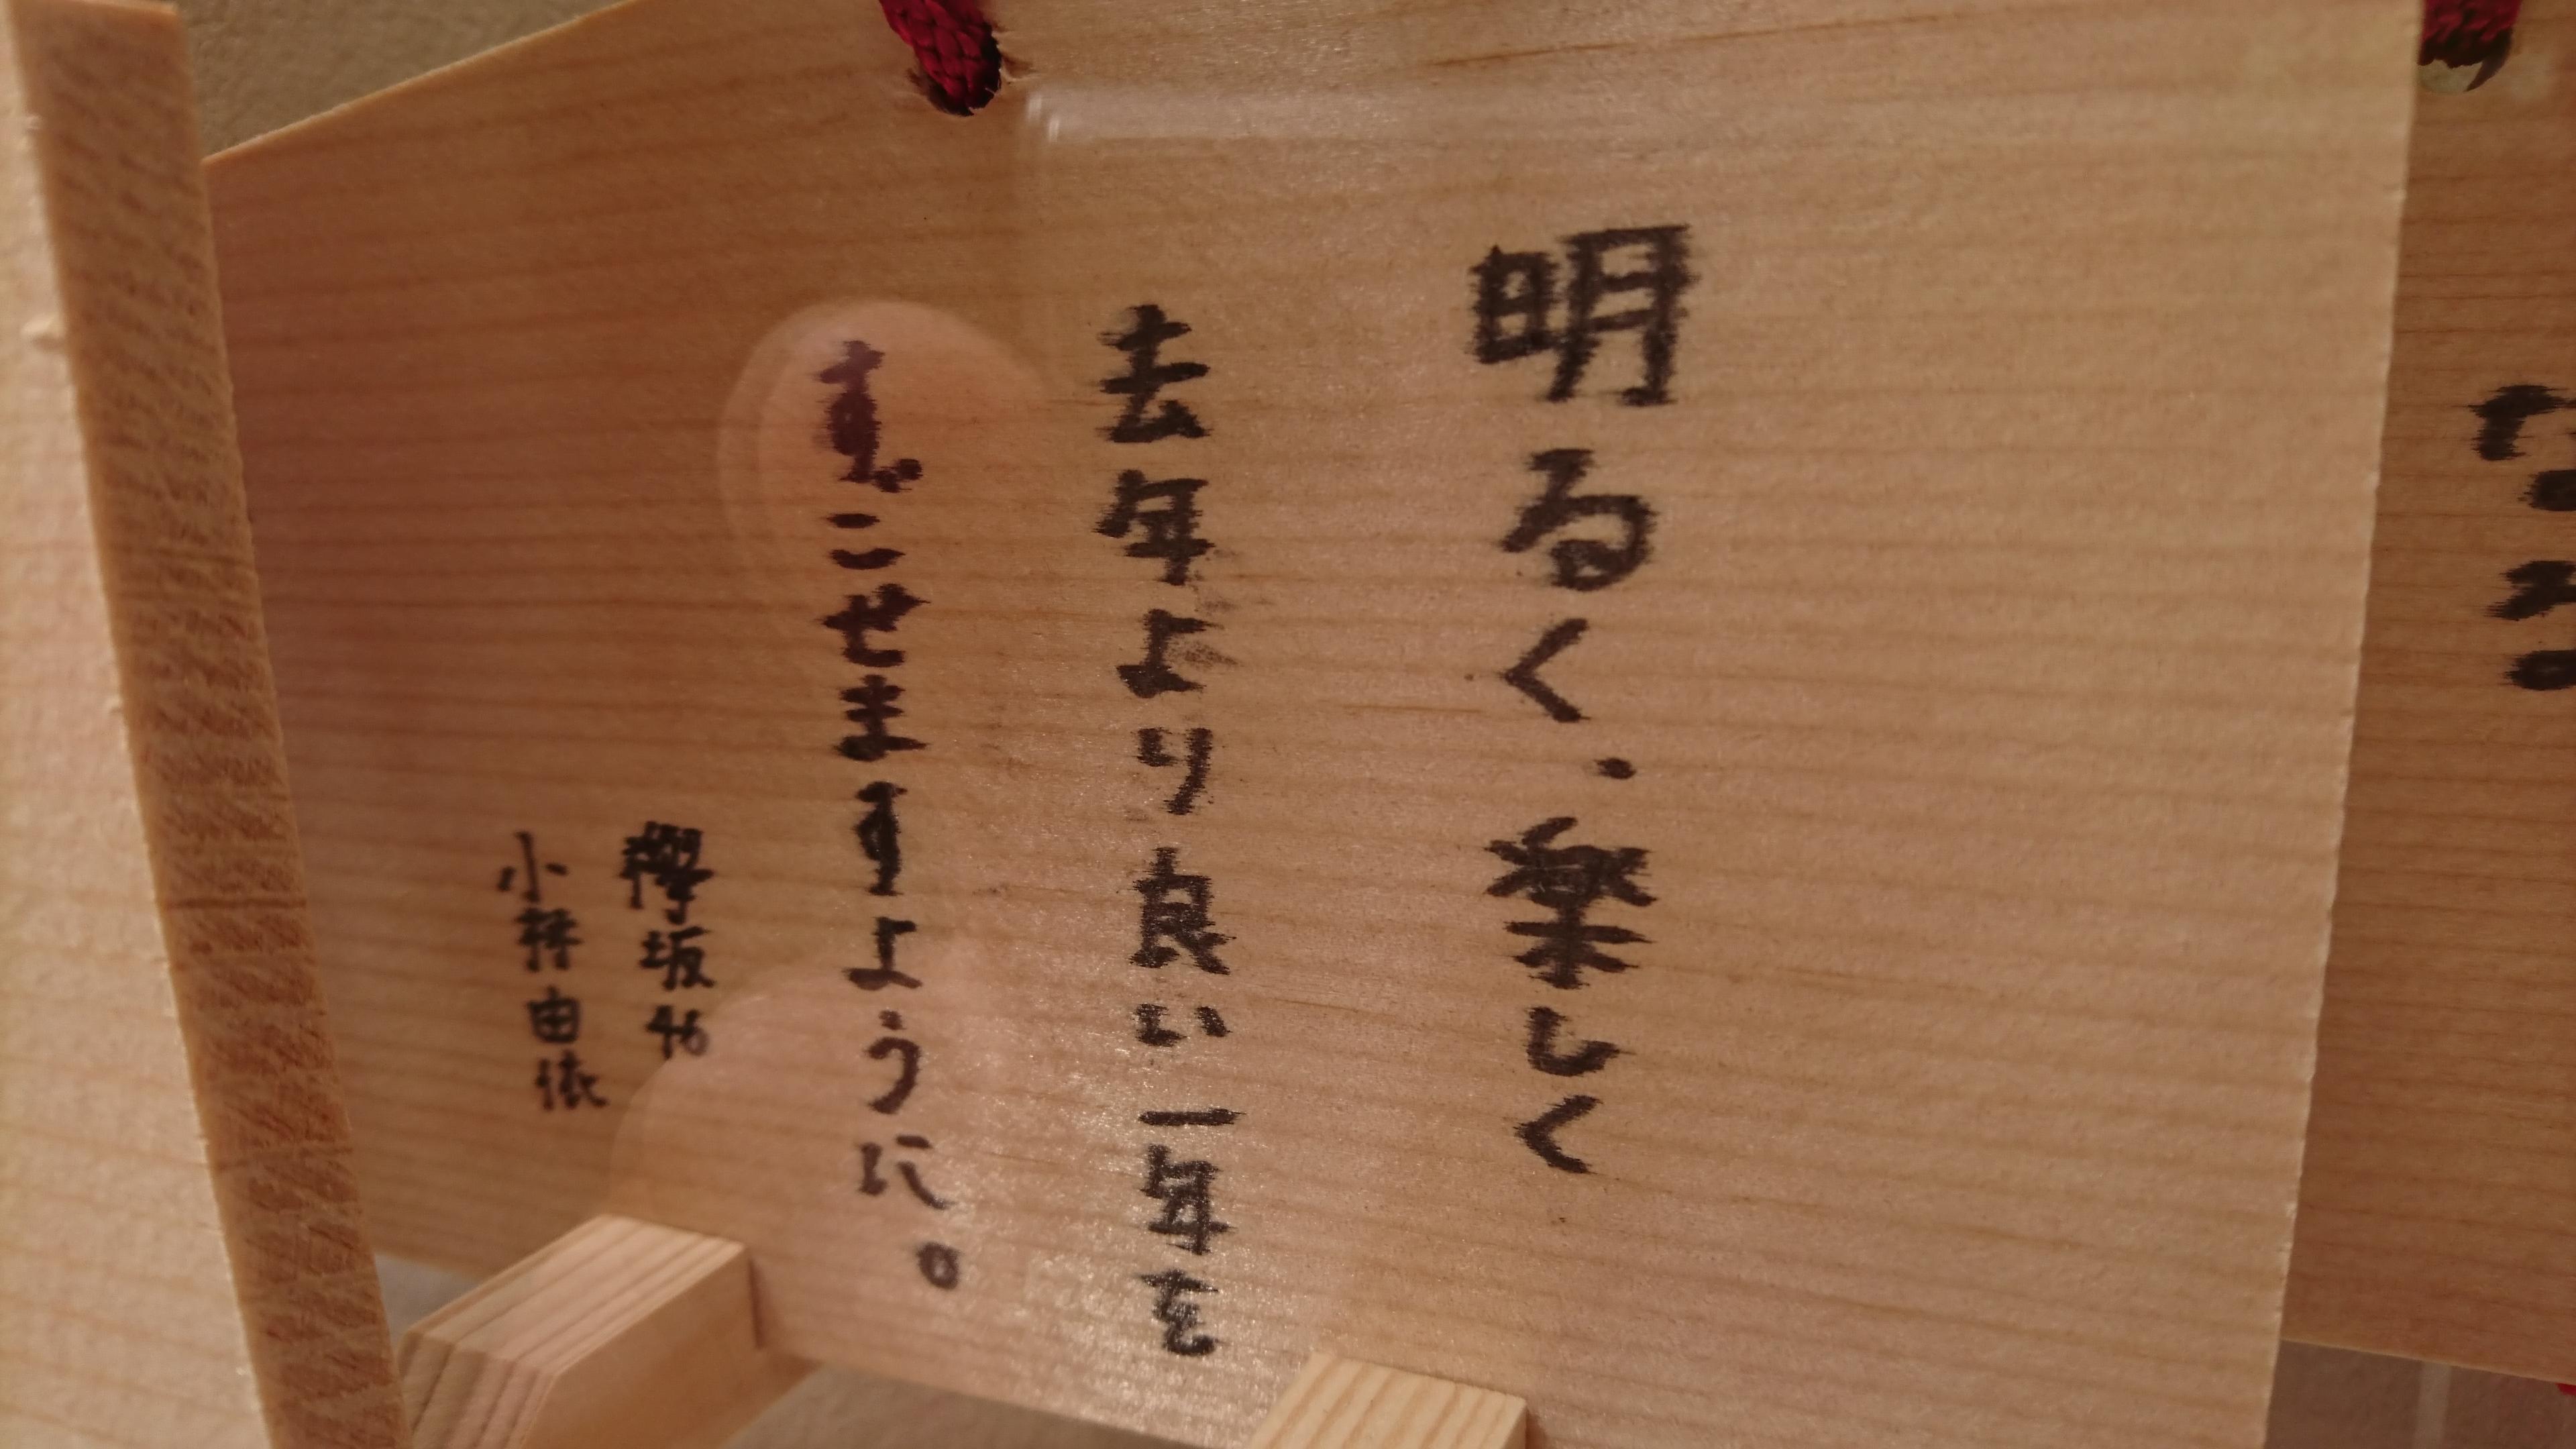 田無神社に奉納された欅坂46の小林由依さんの絵馬